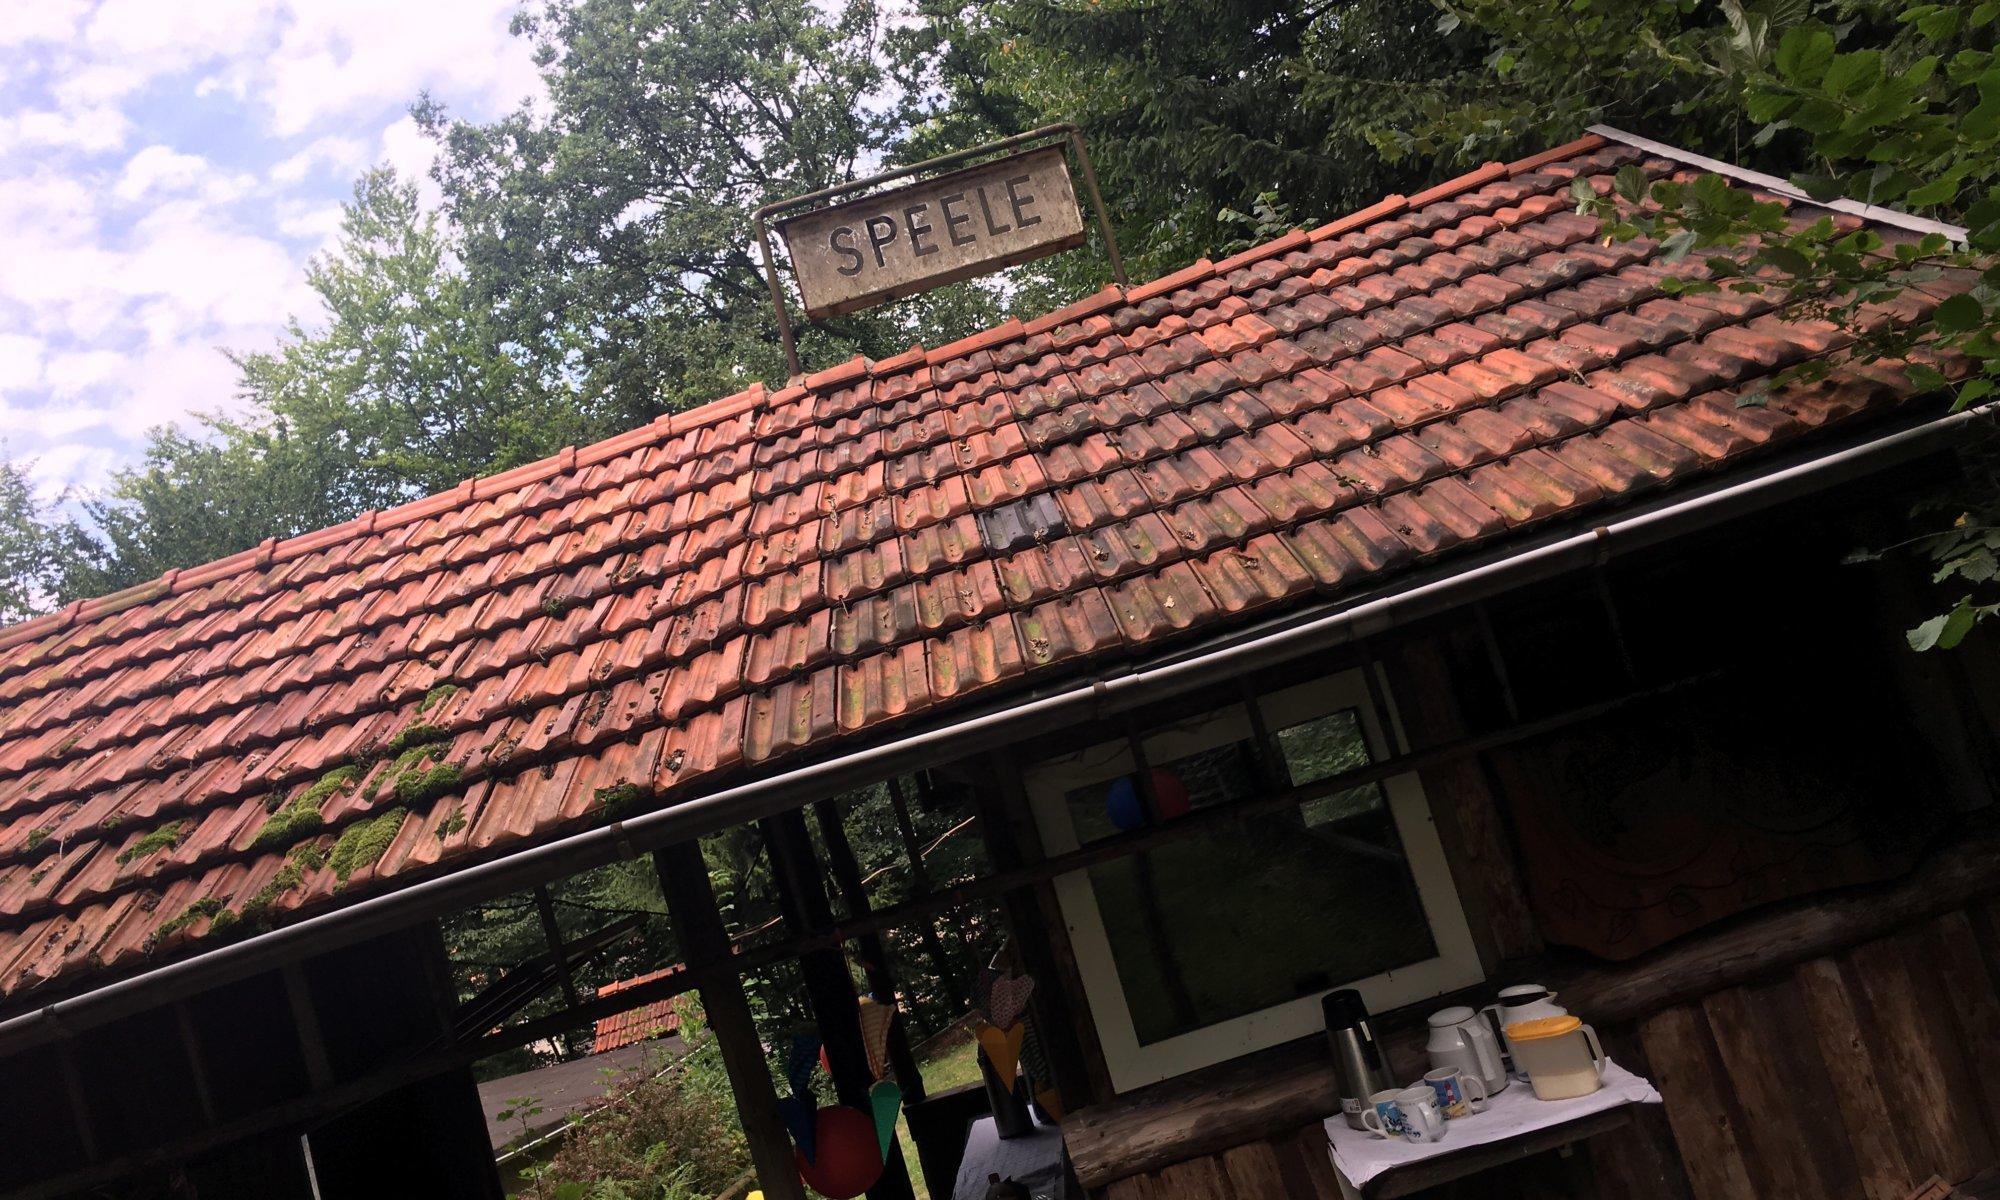 Grillplatz an der Köhlerhütte, Speele, Staufenberg